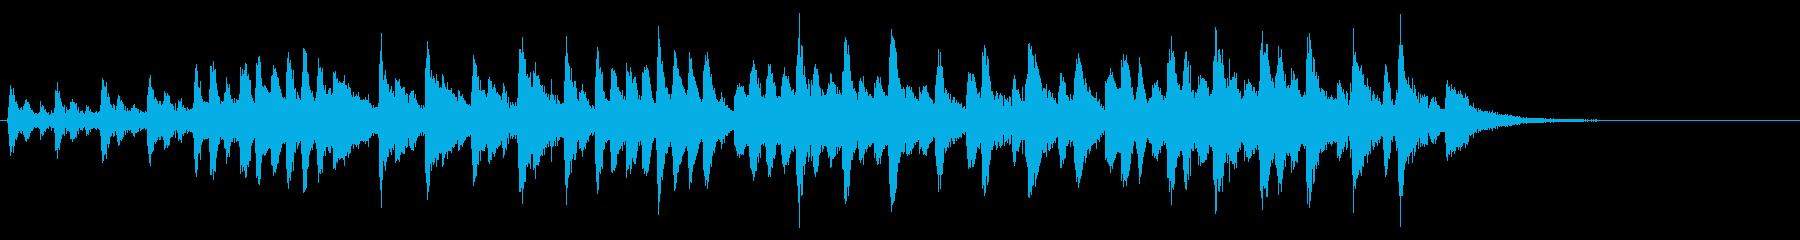 タランテラ(メンデルスゾーン)の再生済みの波形